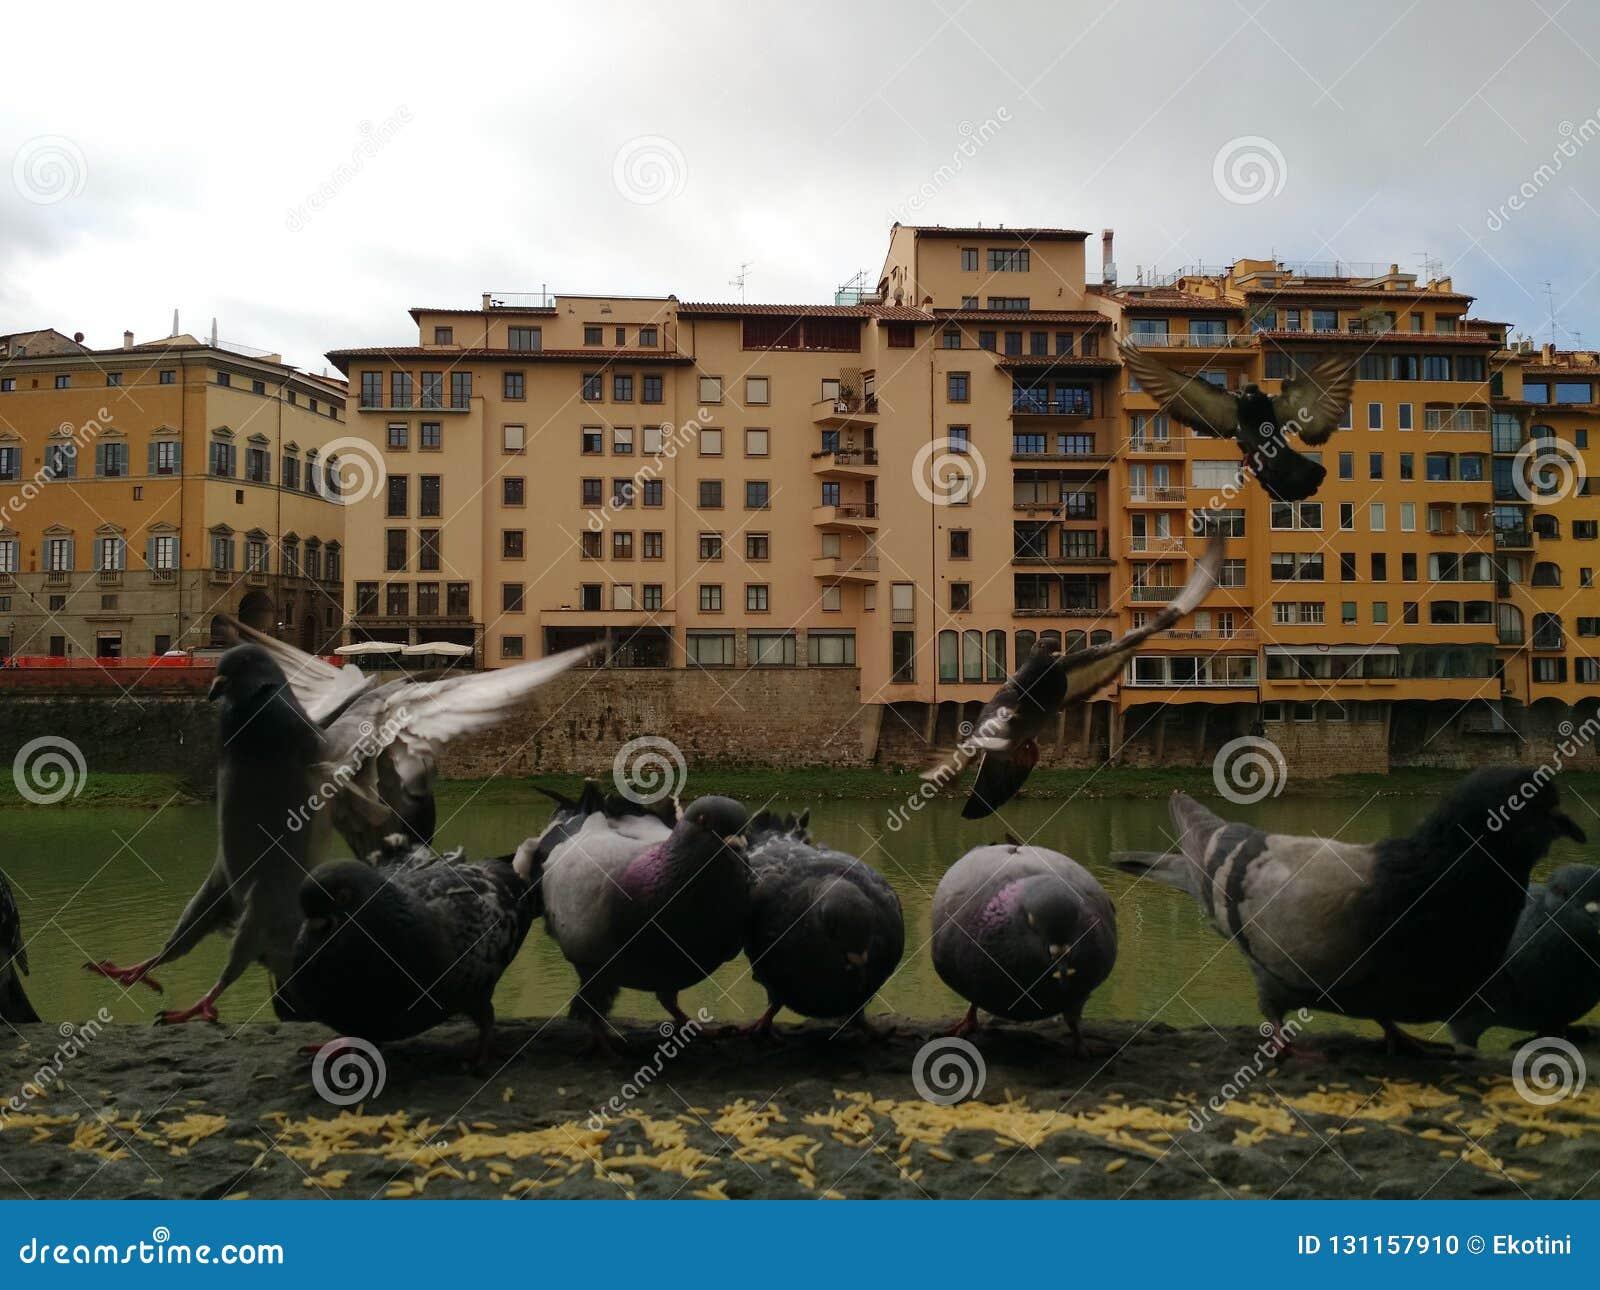 Weergeven van Rivier Arno met duiven in de voorgrond, Florence, Italië